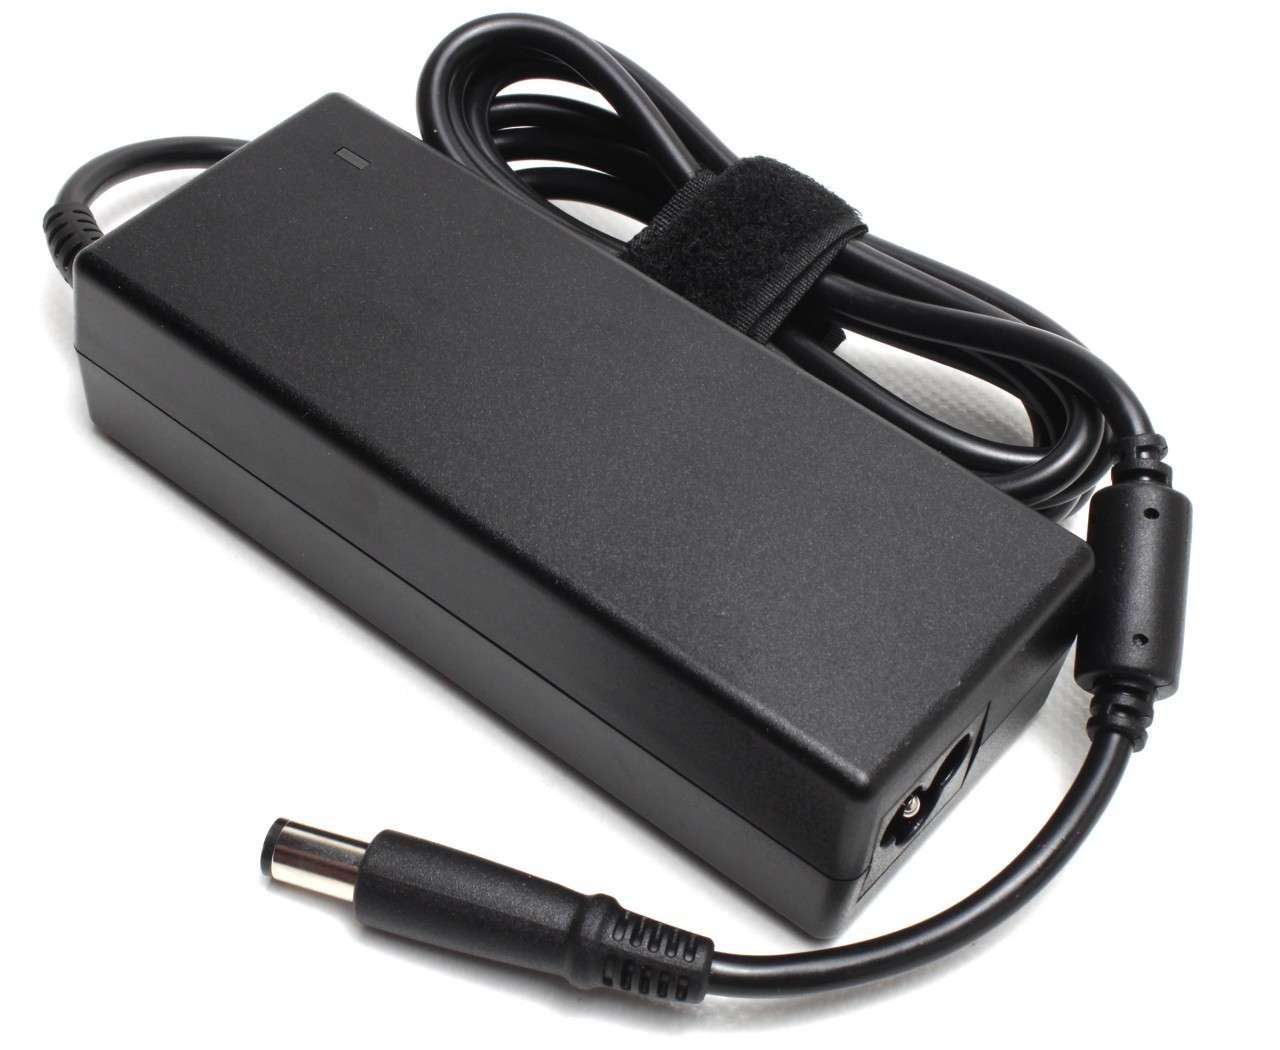 Incarcator Dell Pa-3E Family VARIANTA 3 imagine powerlaptop.ro 2021